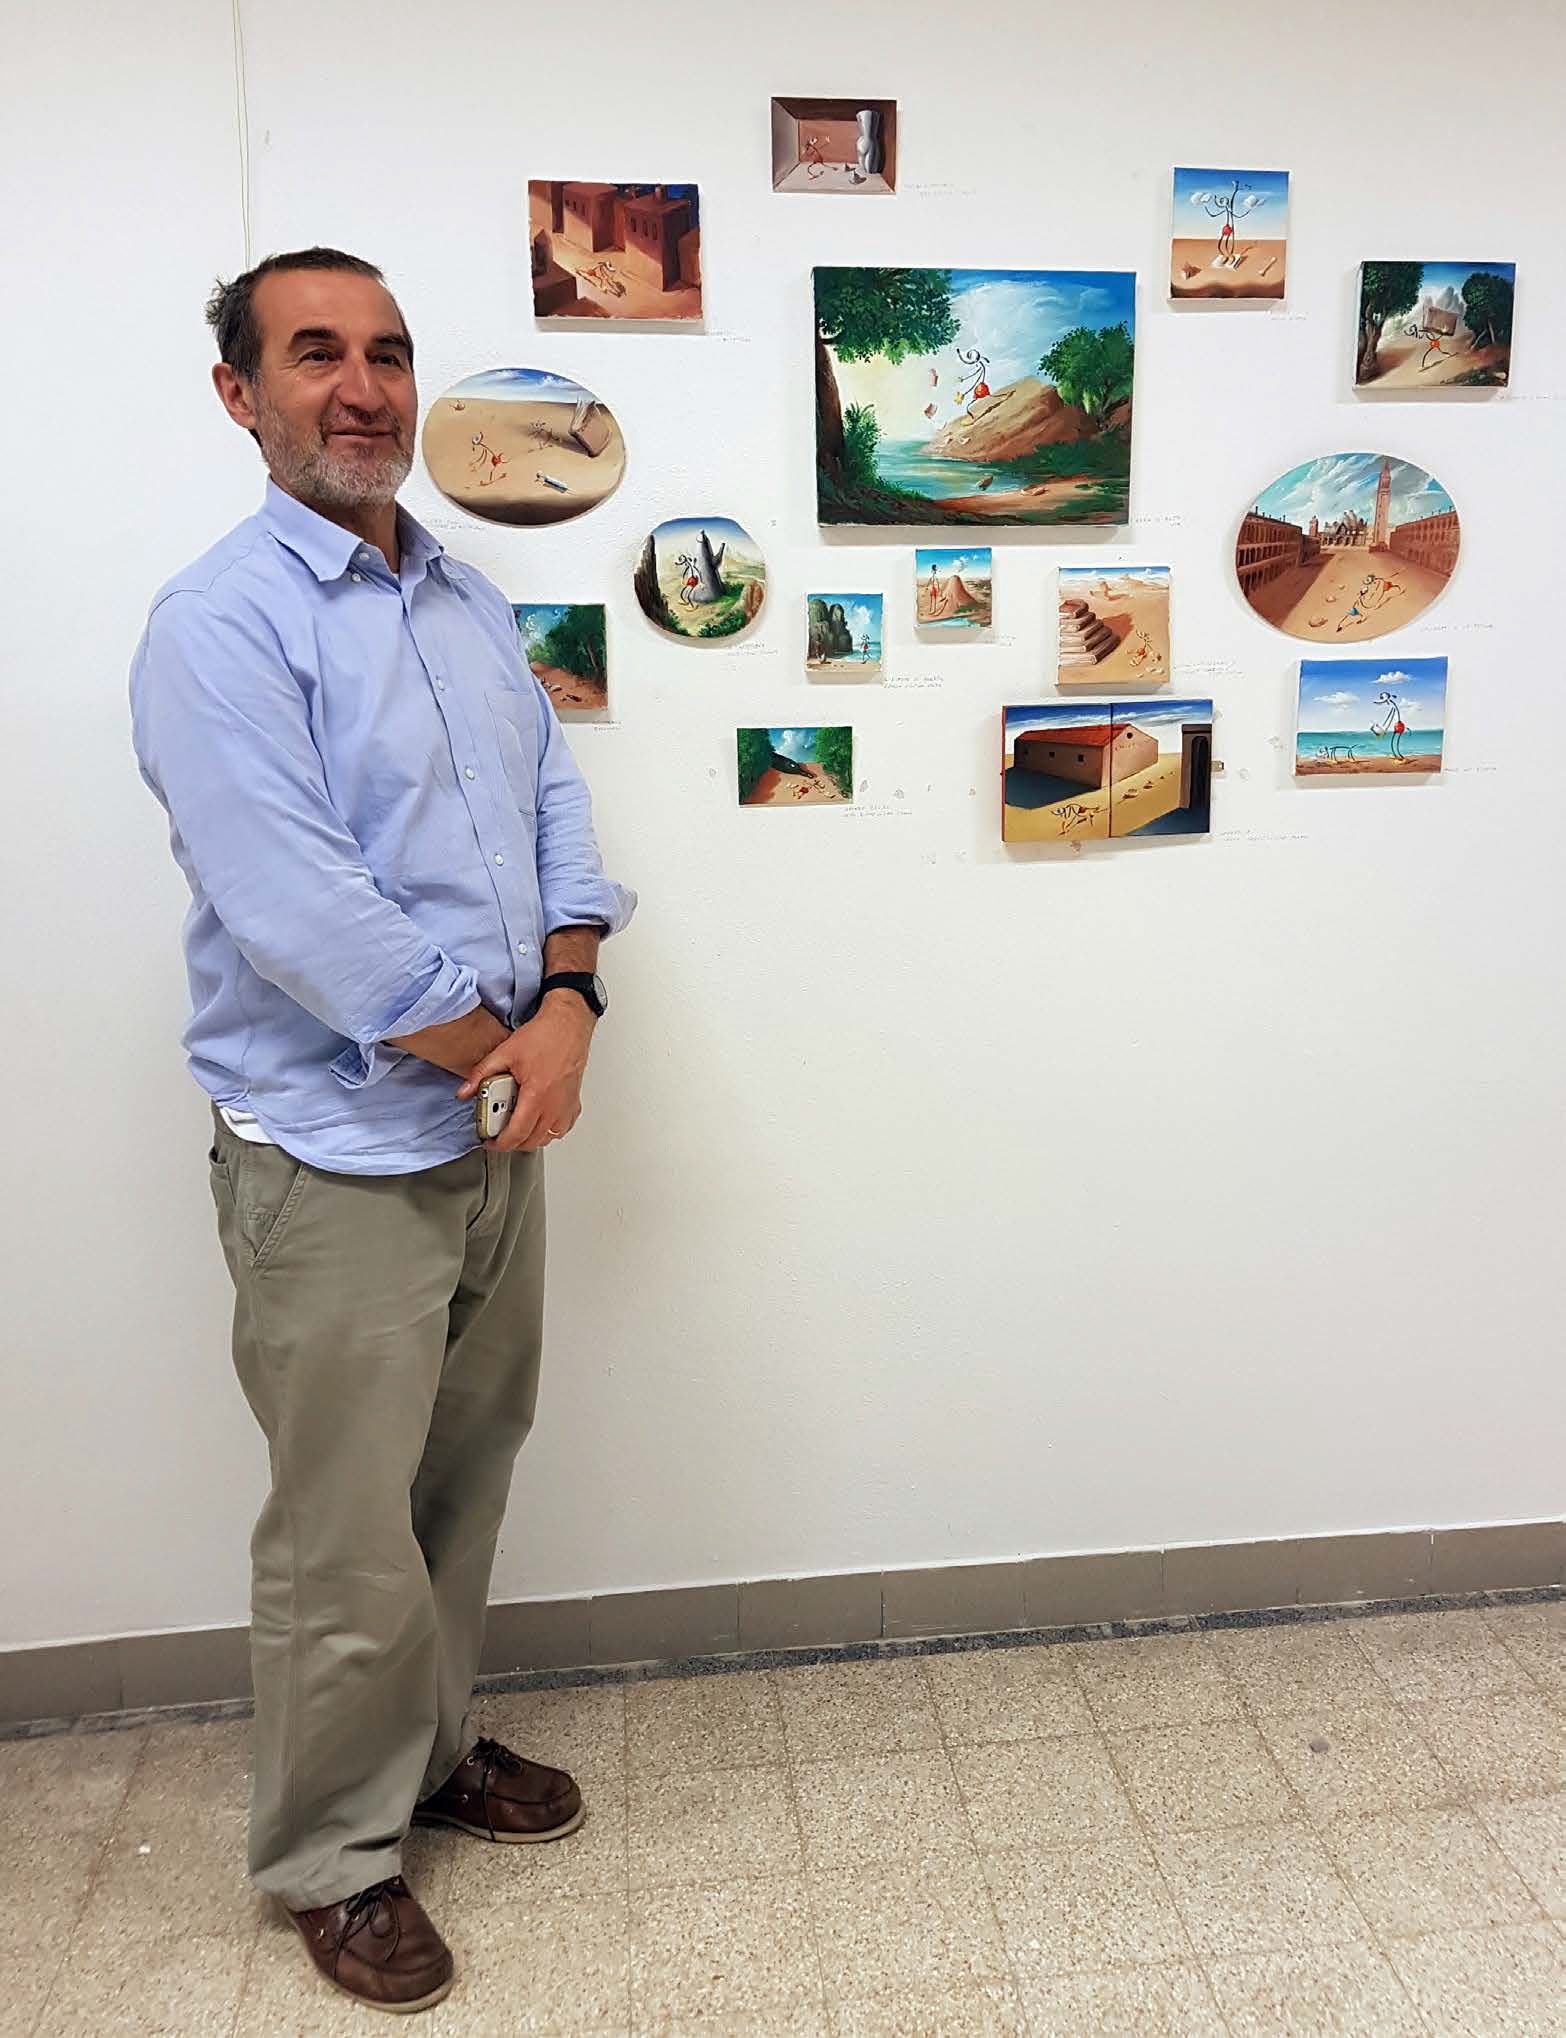 Il Prof. Paolo Sandano responsabile dell'archivio OLINSKY davanti alle opere del Maestro